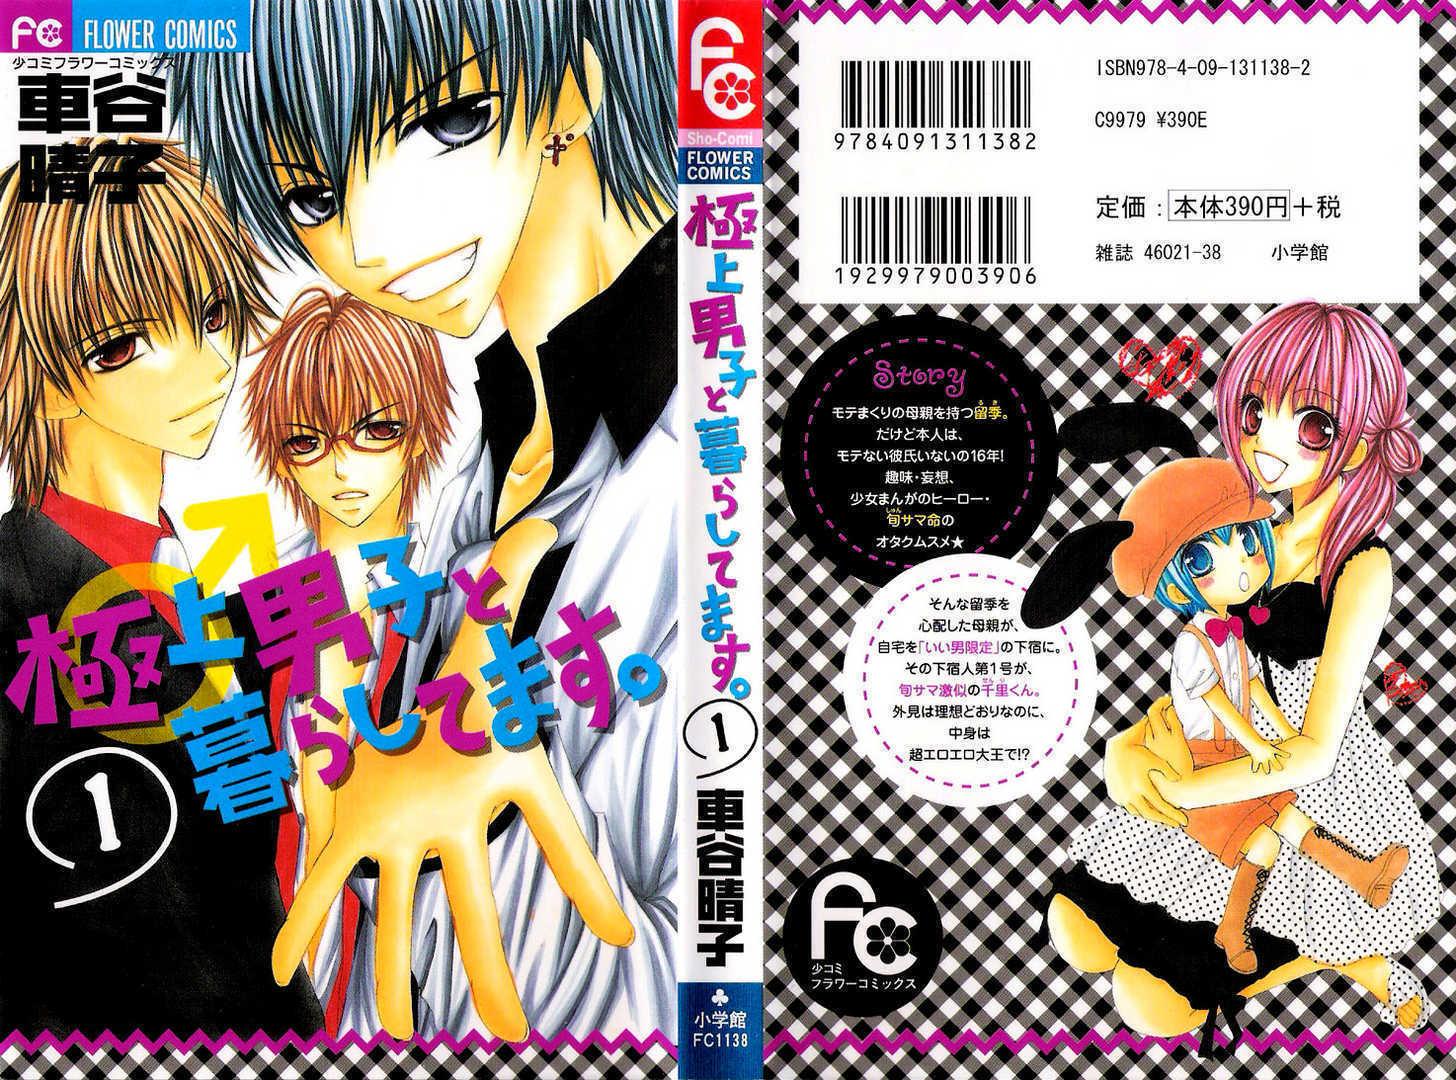 Gokujou Danshi to Kurashi Temasu 1 Page 1